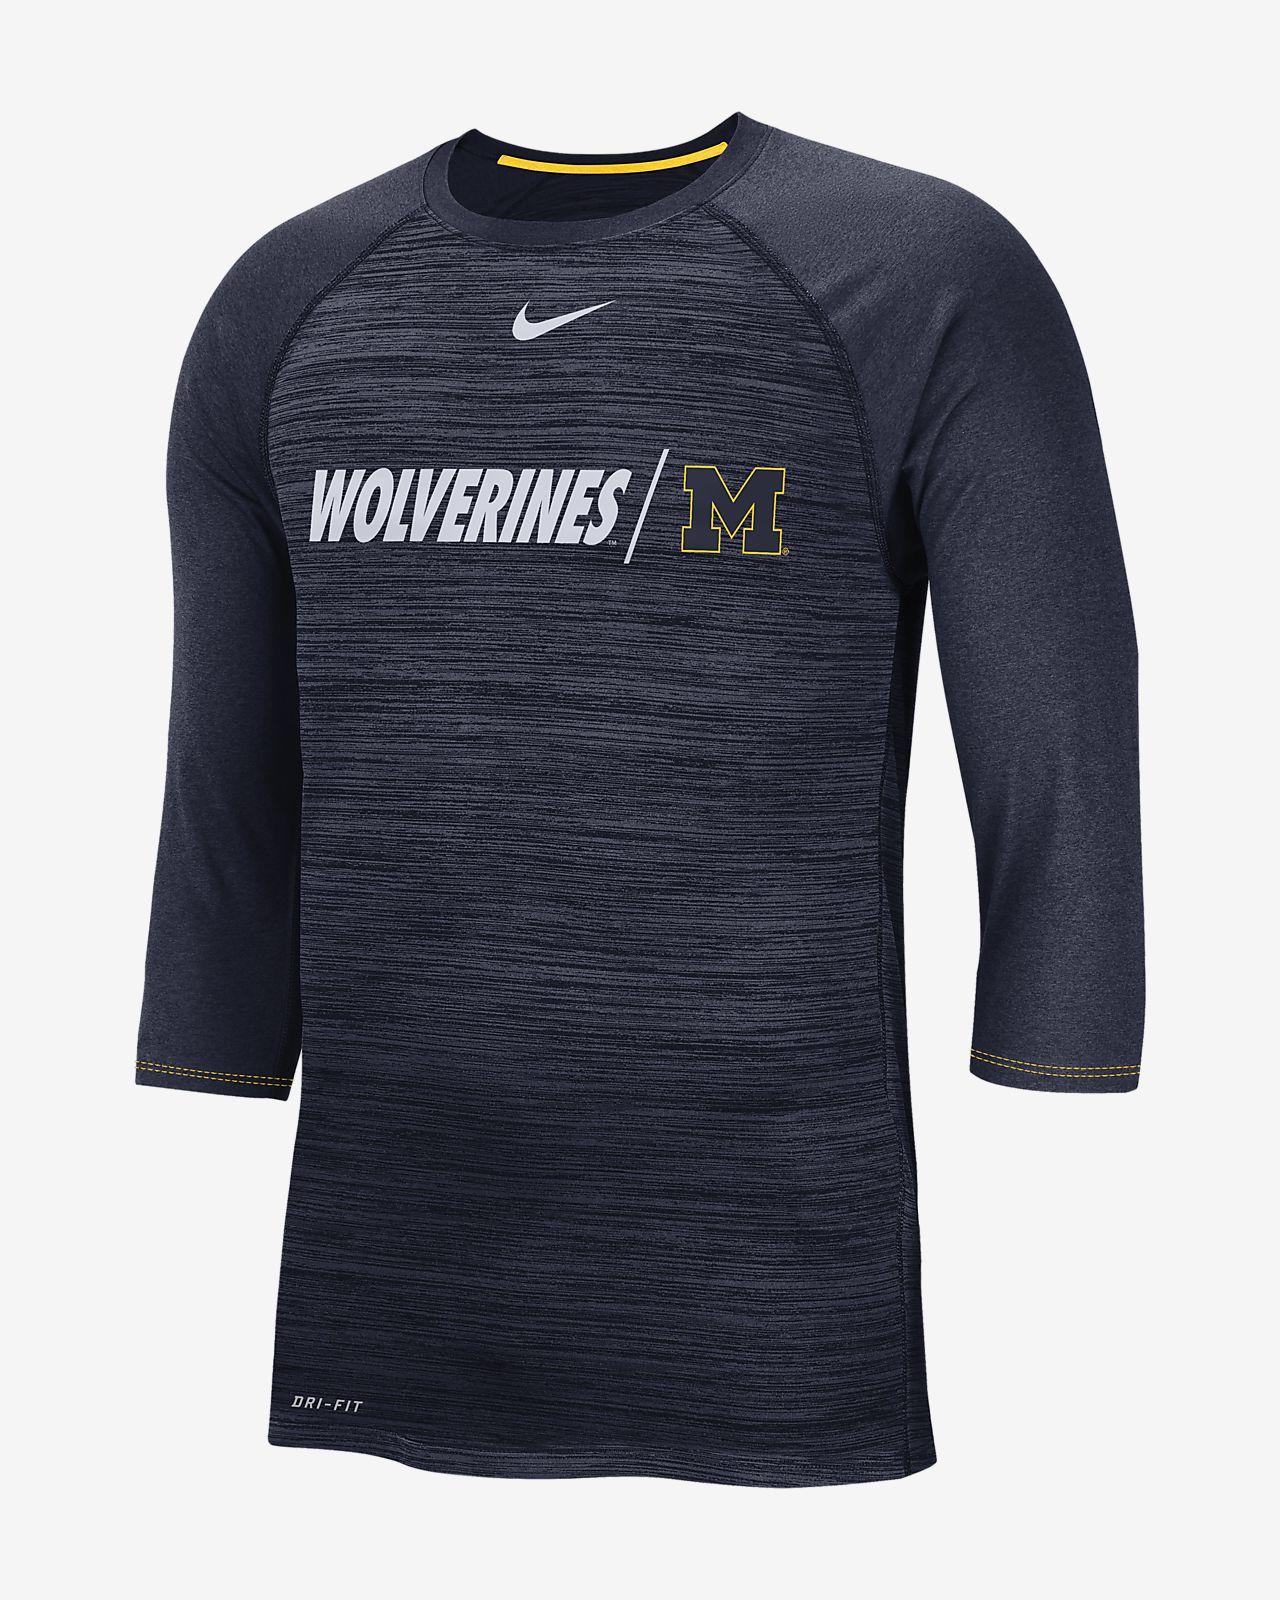 8a7d69fe2c6a19 Nike College Dri-FIT Legend (Michigan) Men s 3 4-Sleeve Top. Nike.com